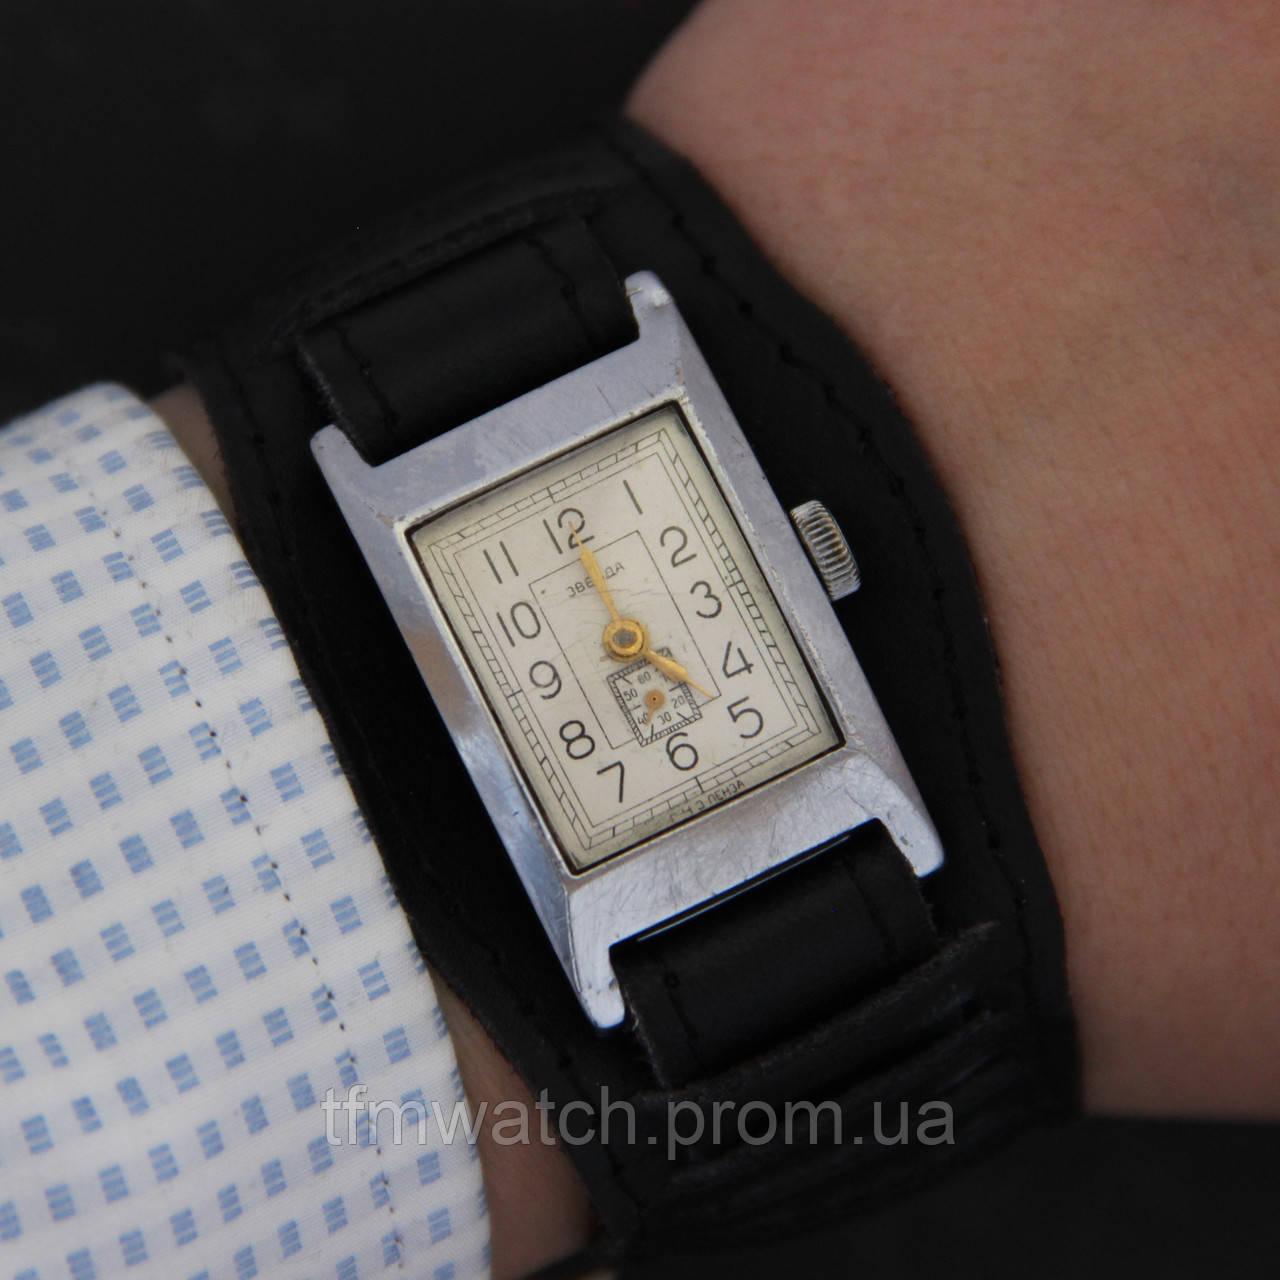 Наручные часы мужские за 500 рублей